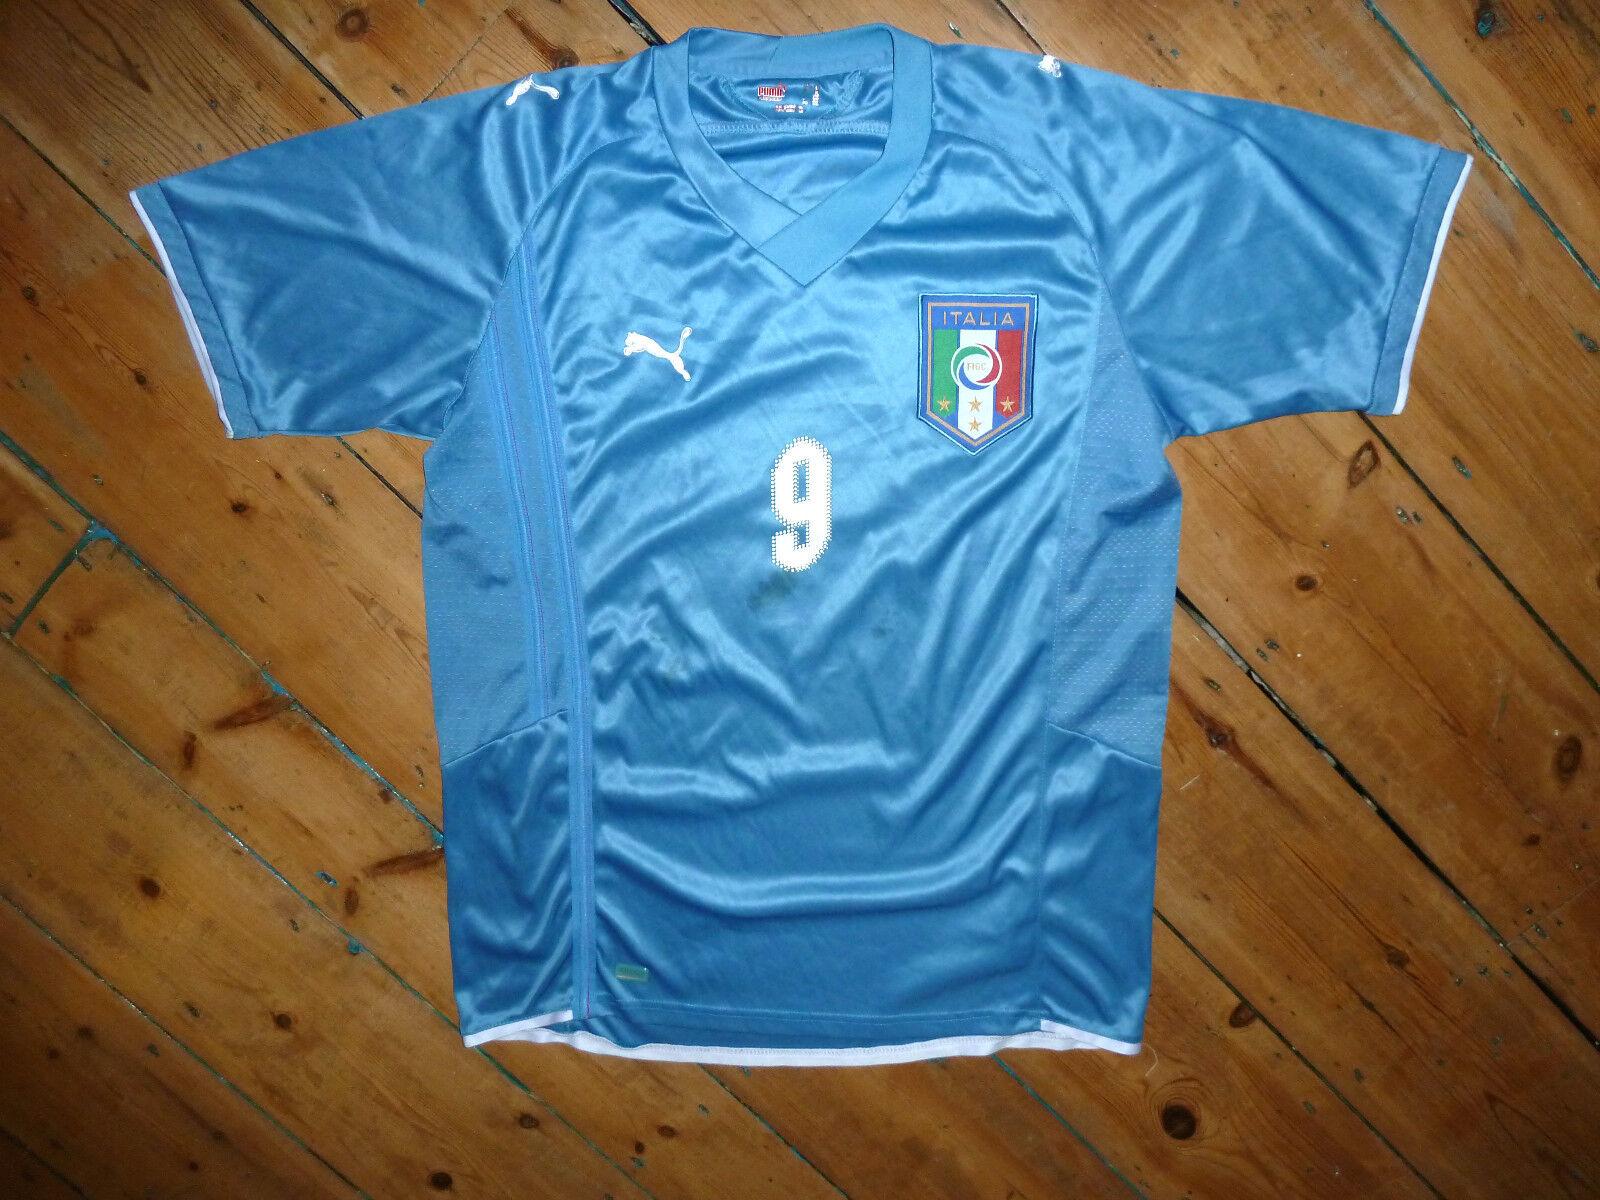 TONI + ITALY AWAY SHIRT XL PUMA 2010 JERSEY CAMISETA MAILLOT MAGLlA TRIKOT